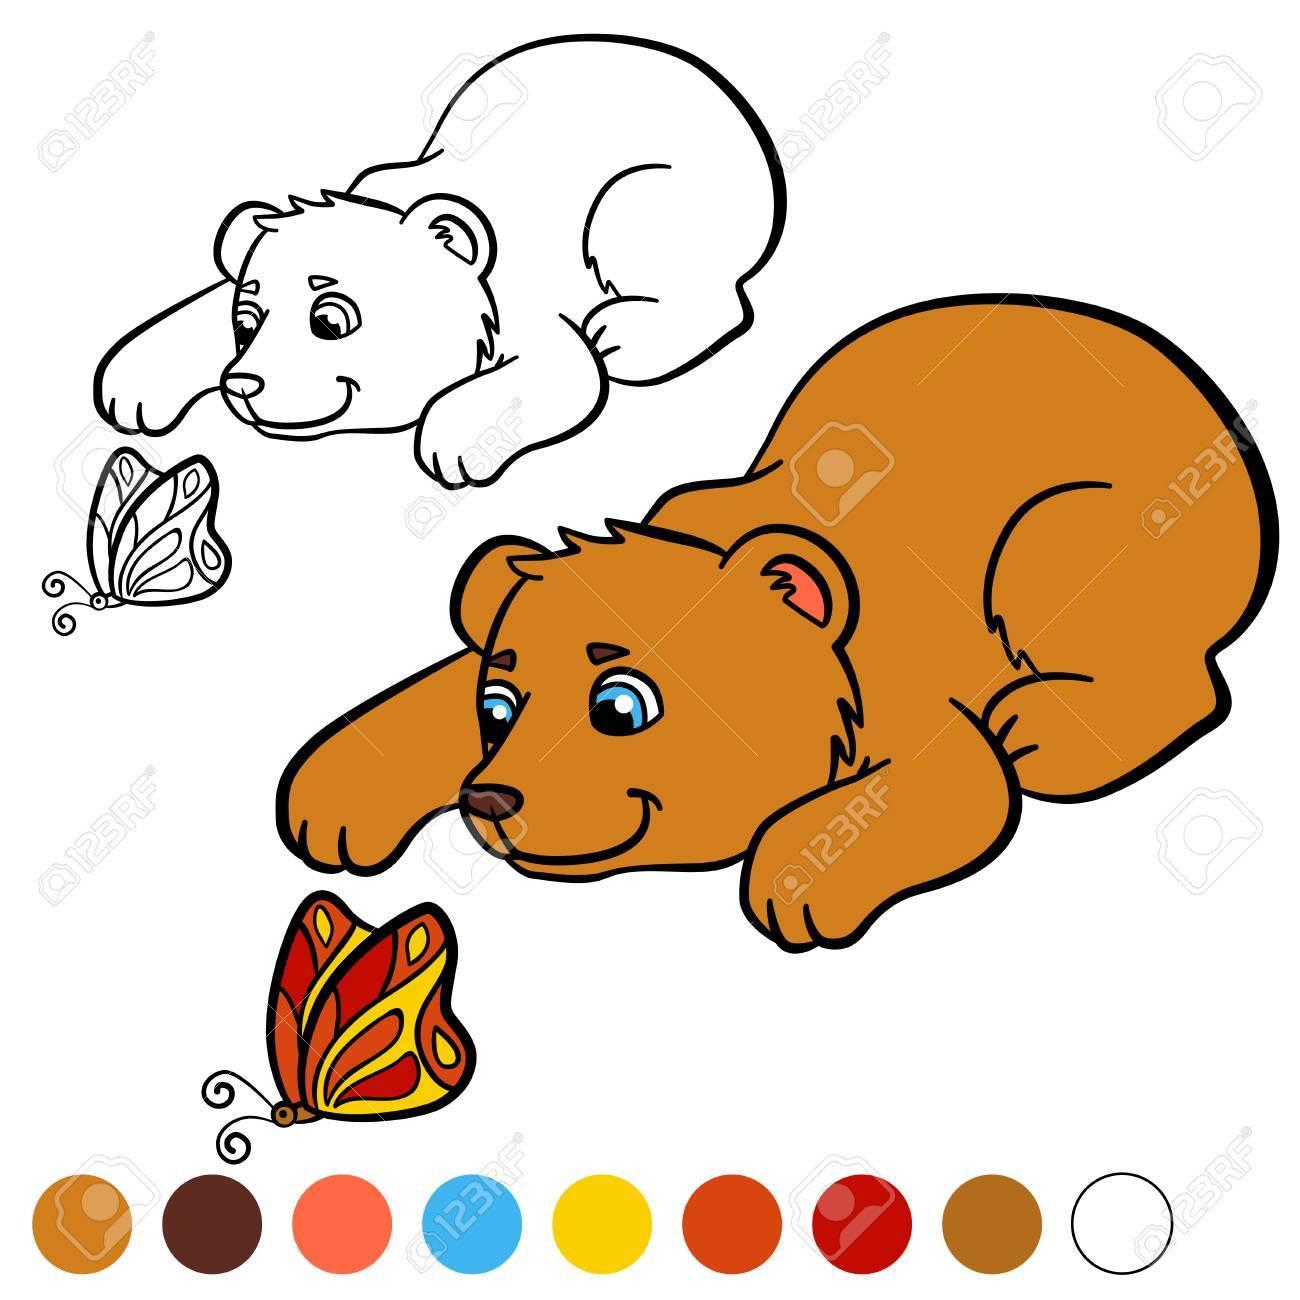 Dibujo Para Colorear. Color Me: Oso. Pequeño Oso Lindo Del Bebé Se ...